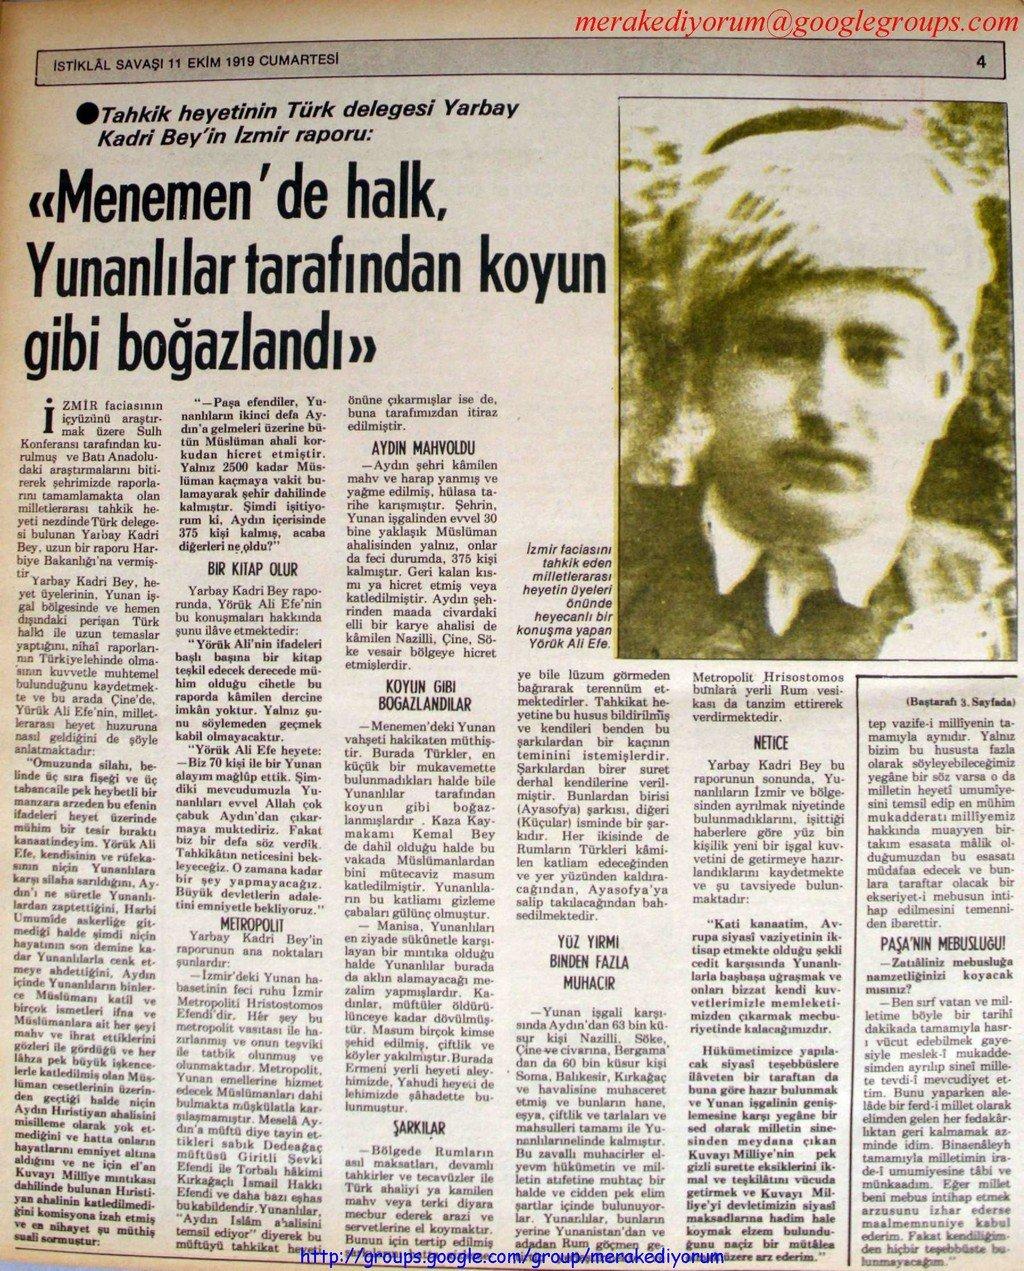 istiklal savaşı gazetesi - 11 ekim 1919